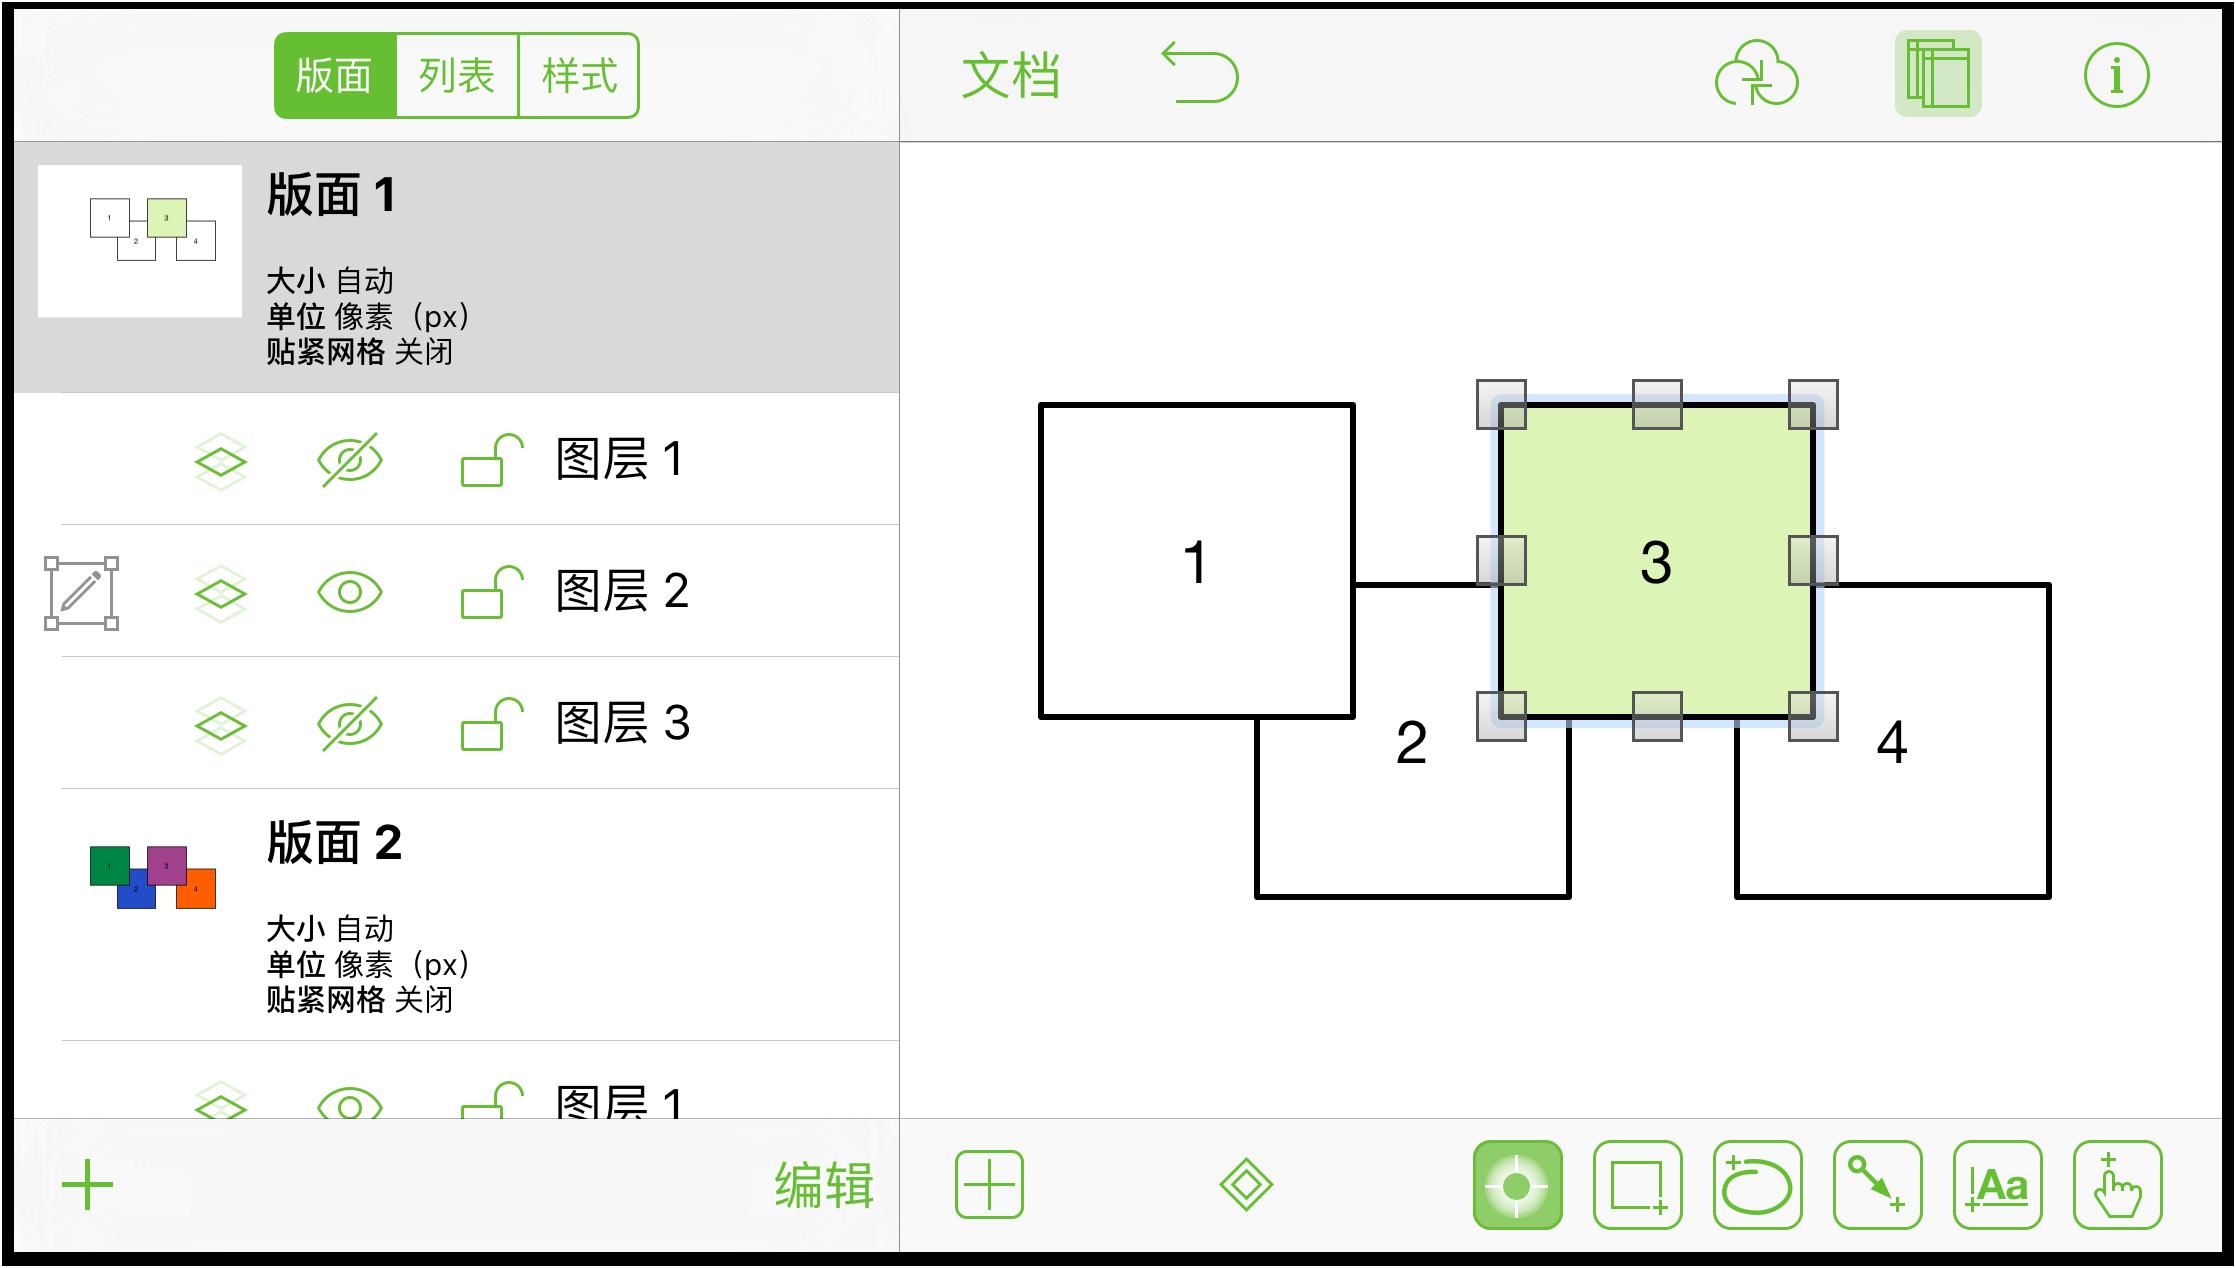 图层 2 上的第三个方块现在用浅绿色填充